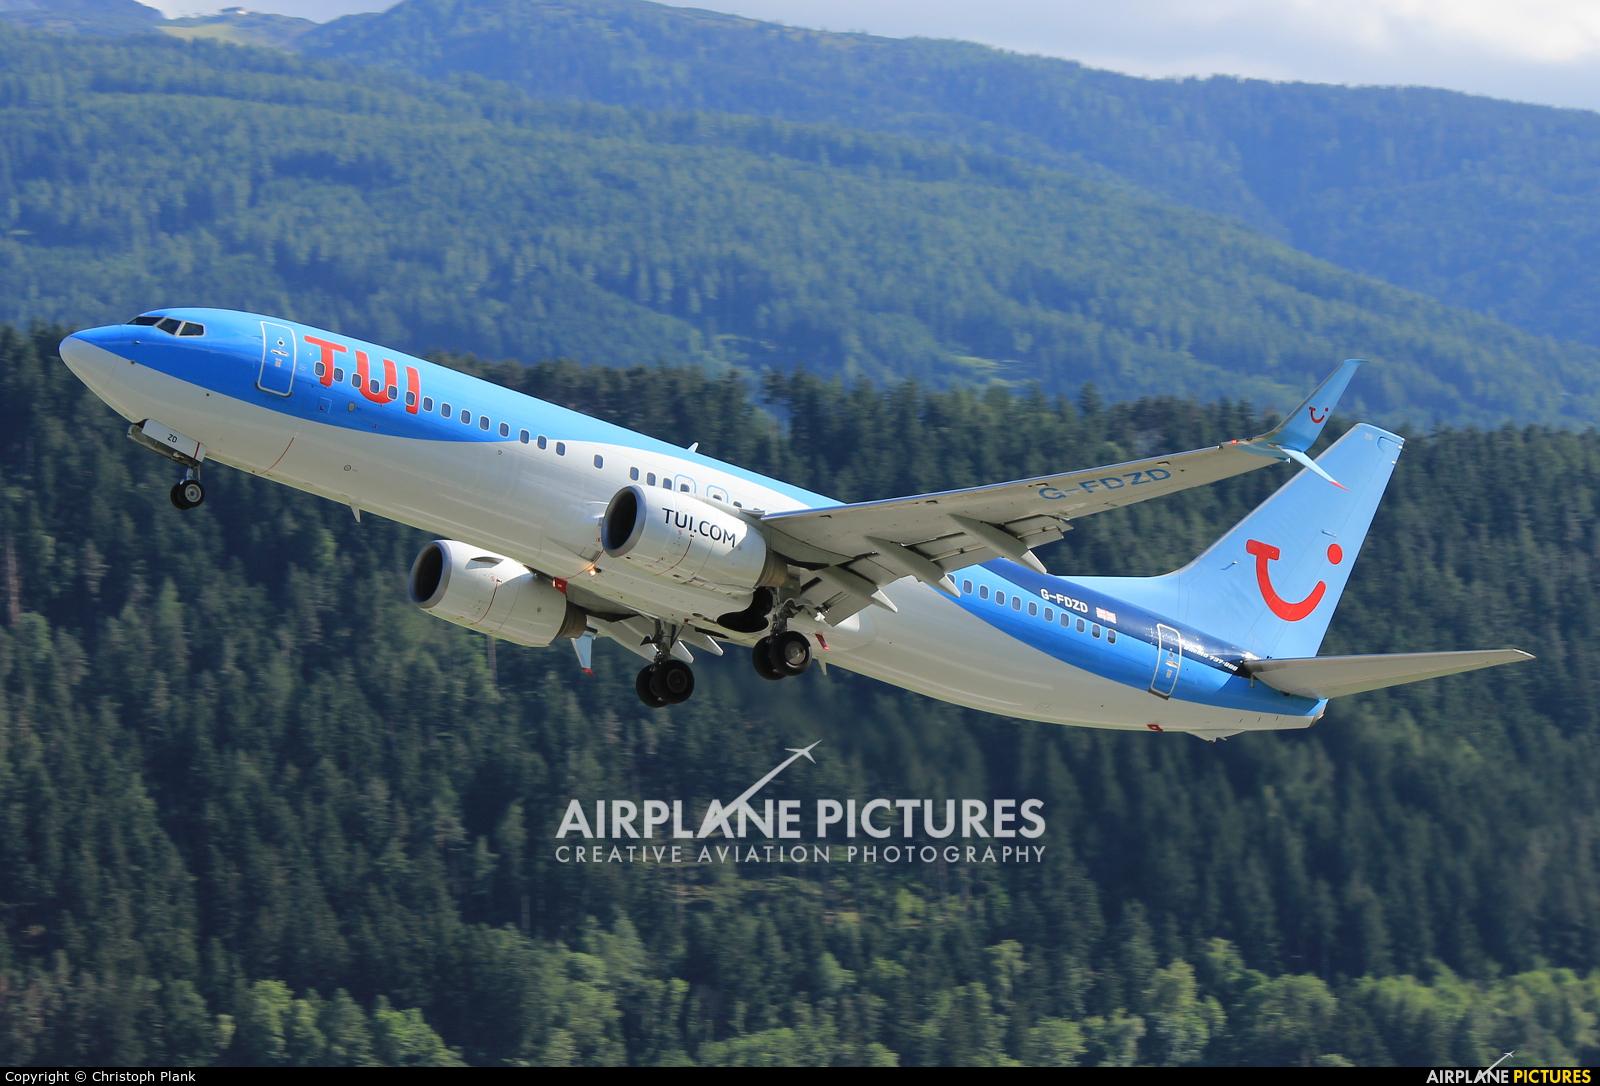 TUI Airways G-FDZD aircraft at Innsbruck